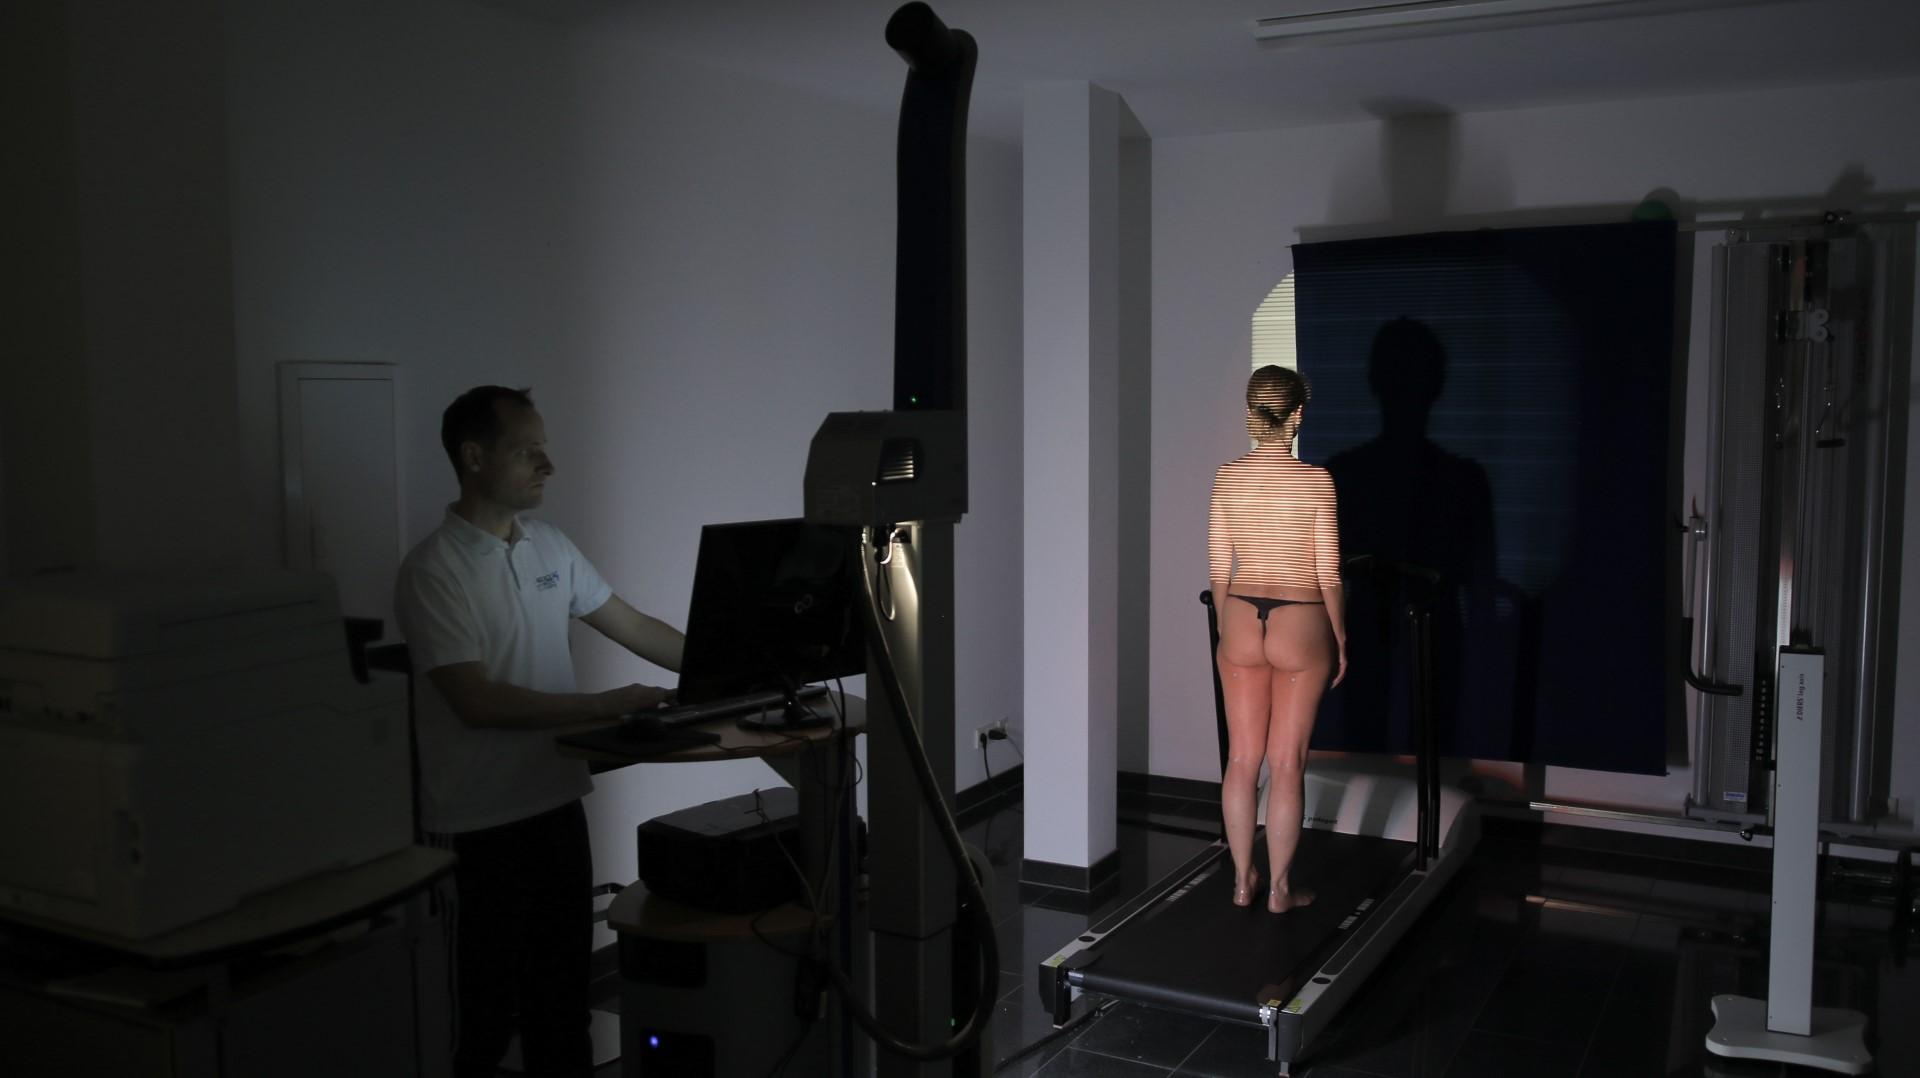 Medico Vital Center Check-up-Analyse und Physikalische und apparative Medizin 4D-Gang-Analyse und -Diagnostik